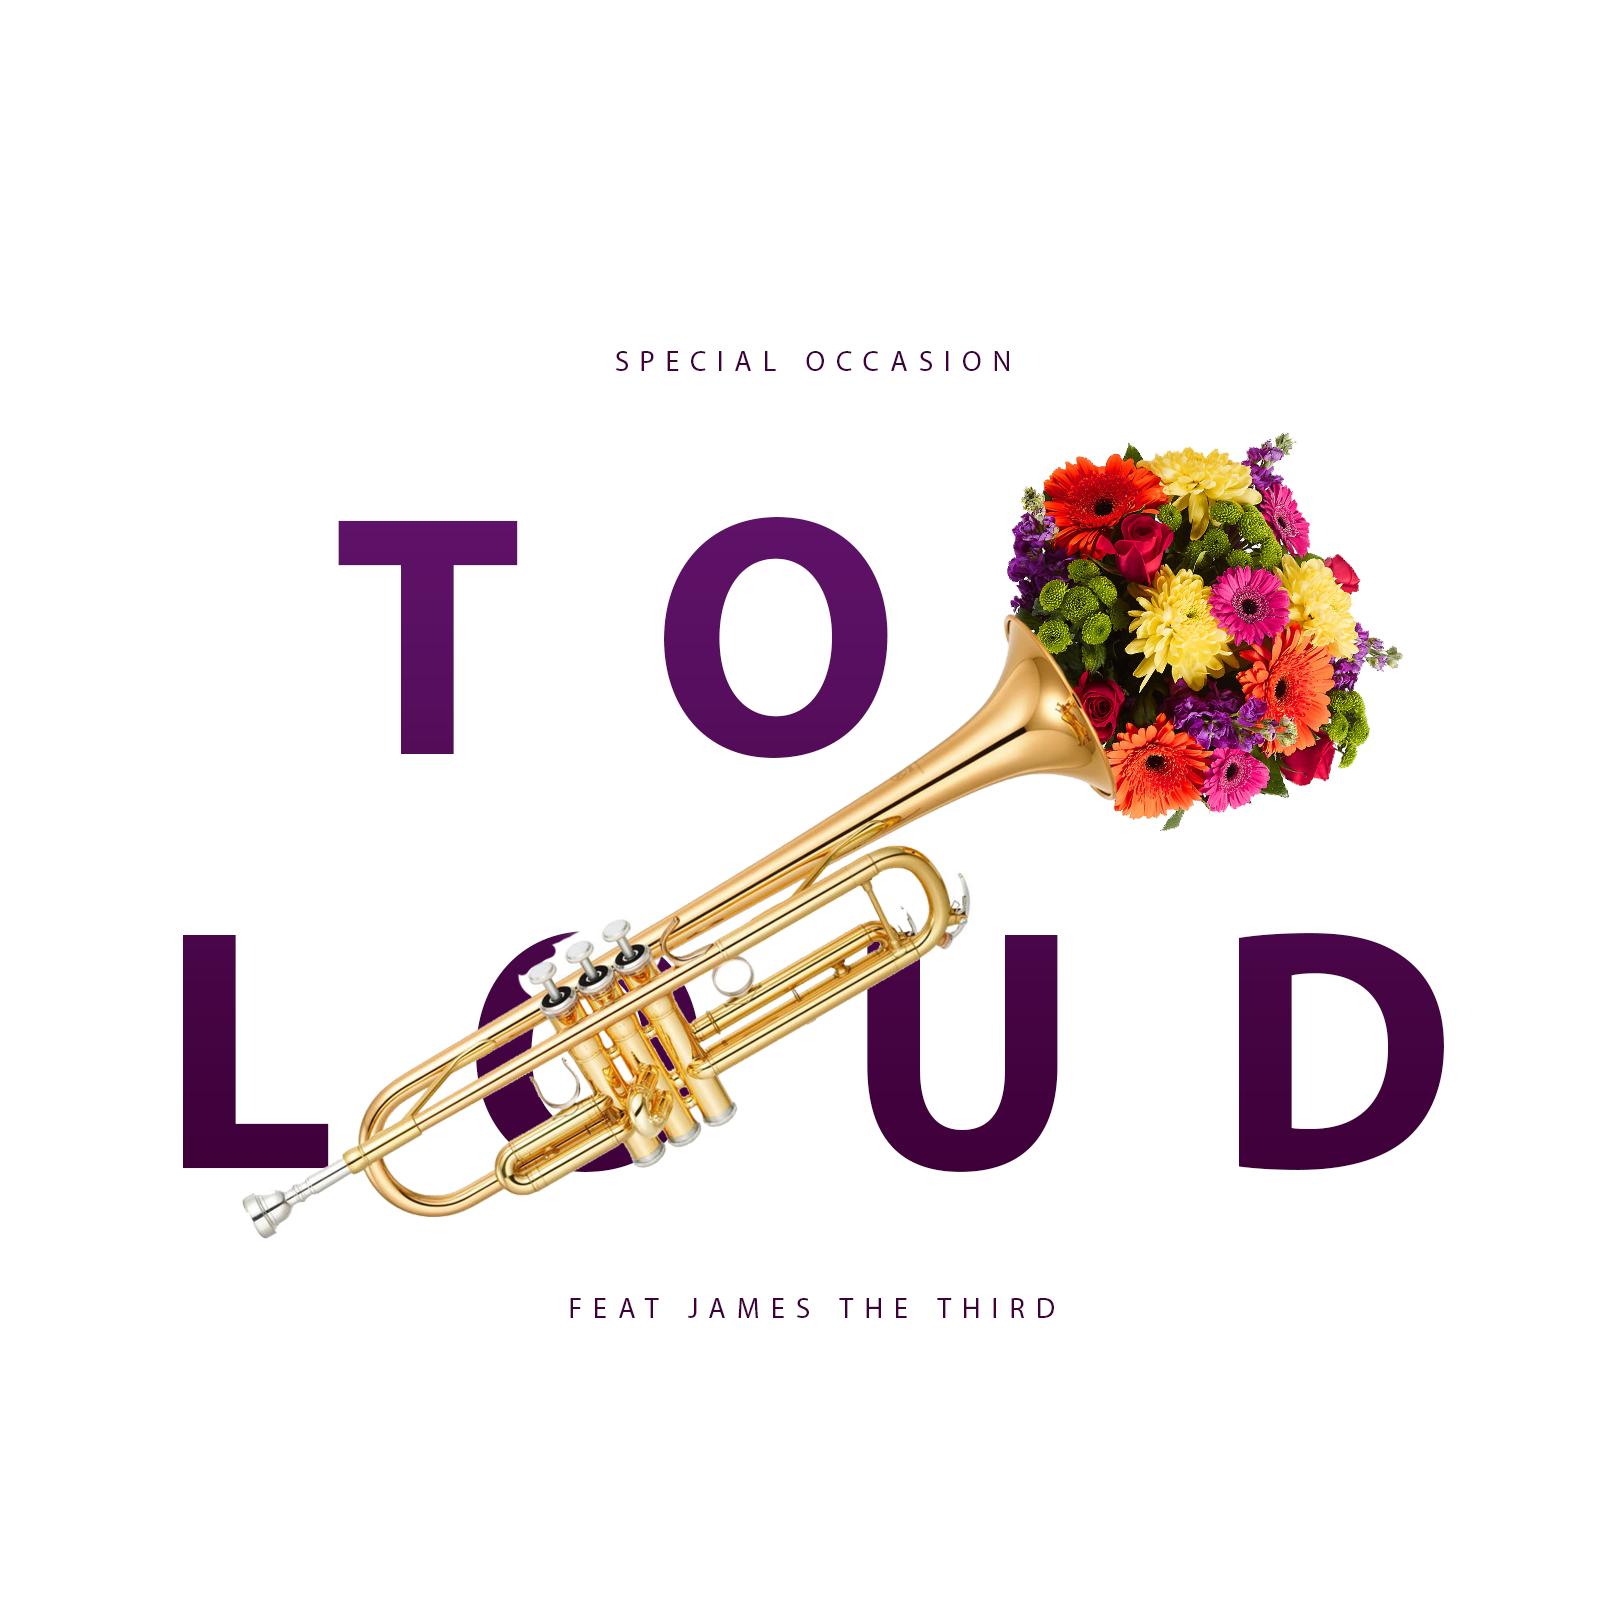 Too-Loud